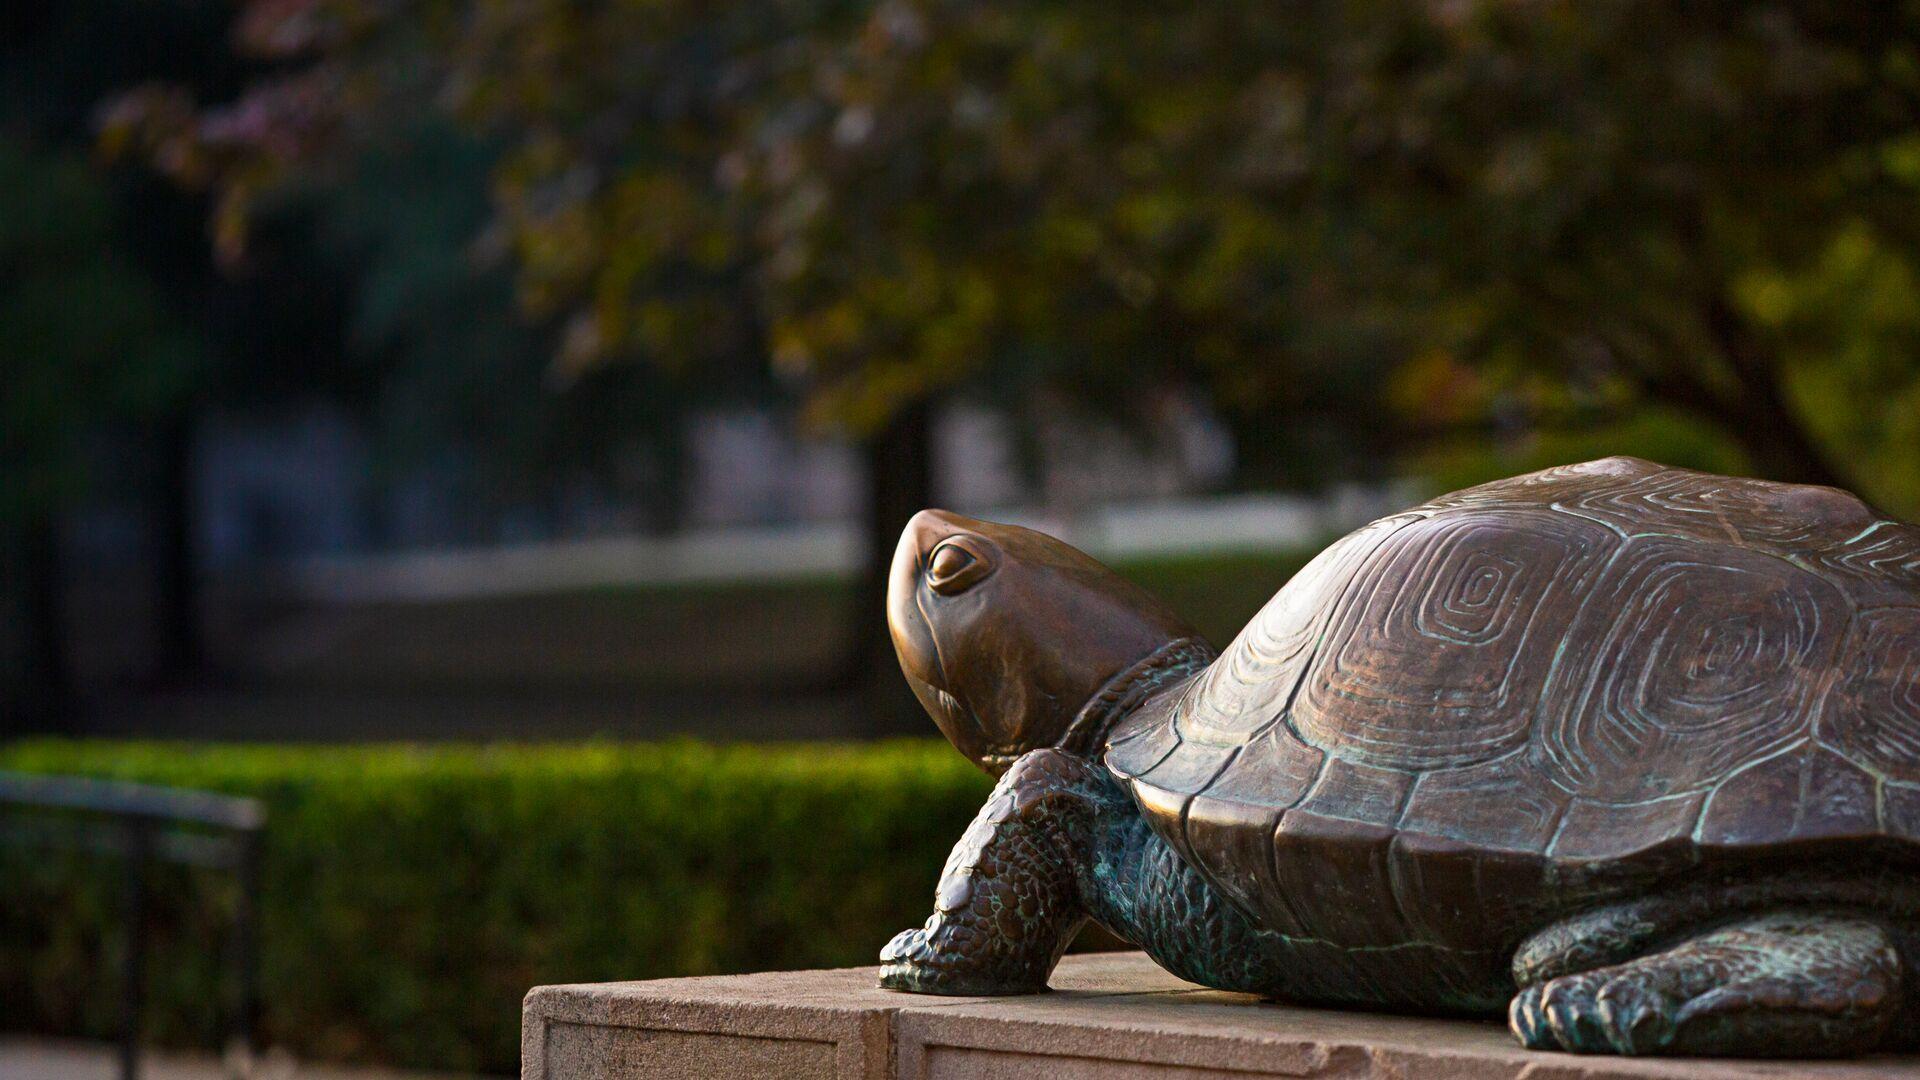 Testudo sculpture in front of McKeldin Library